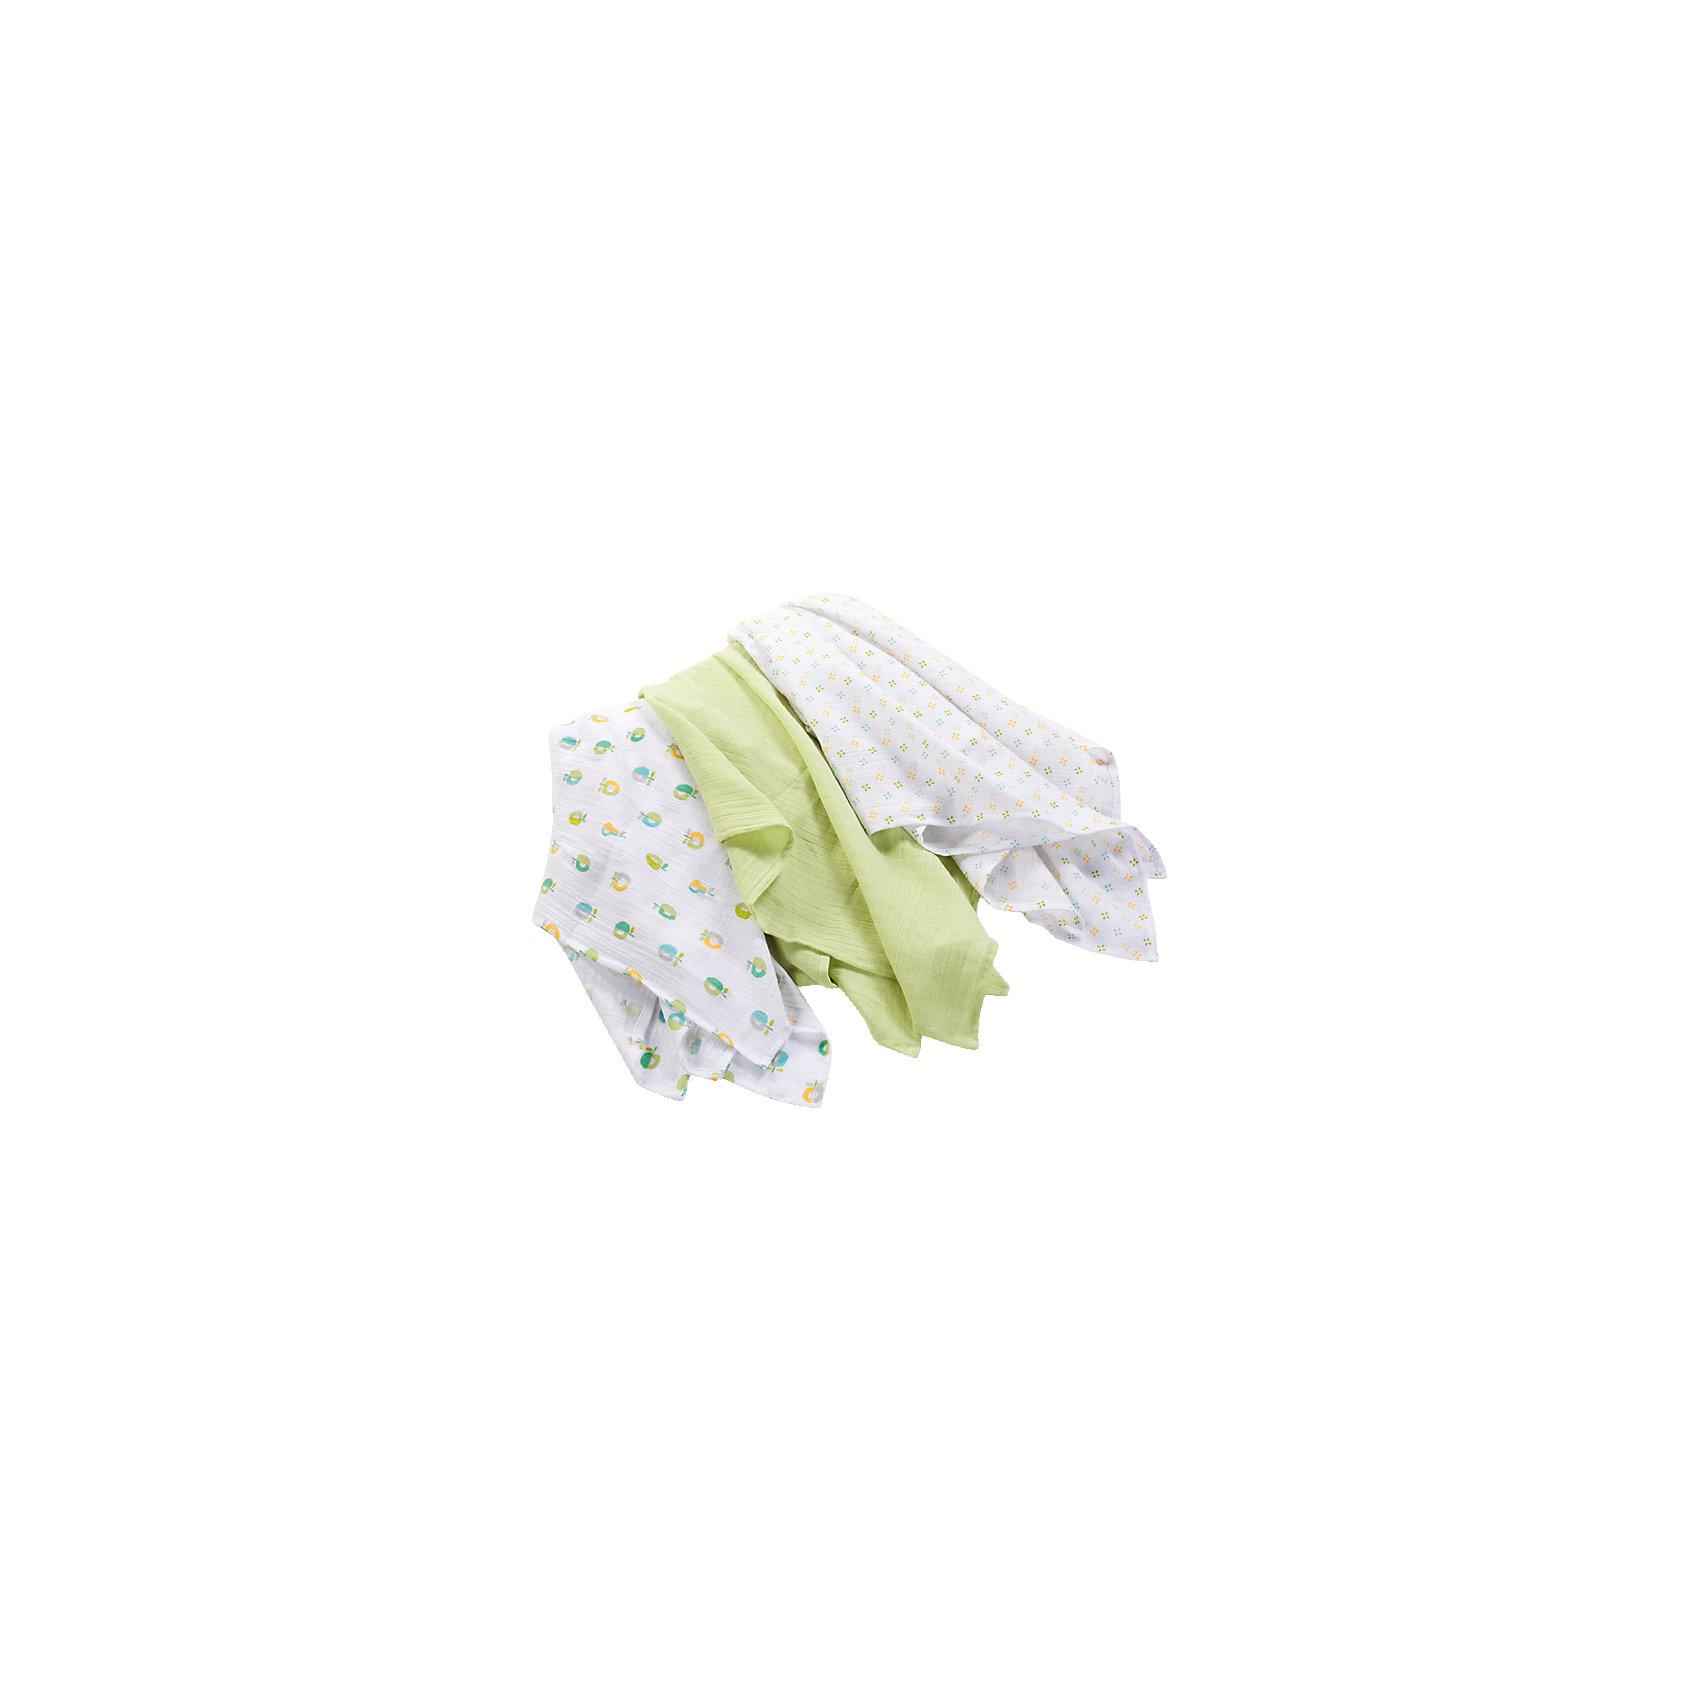 Набор пеленок с рисунком, Summer Infant, 3 штуки